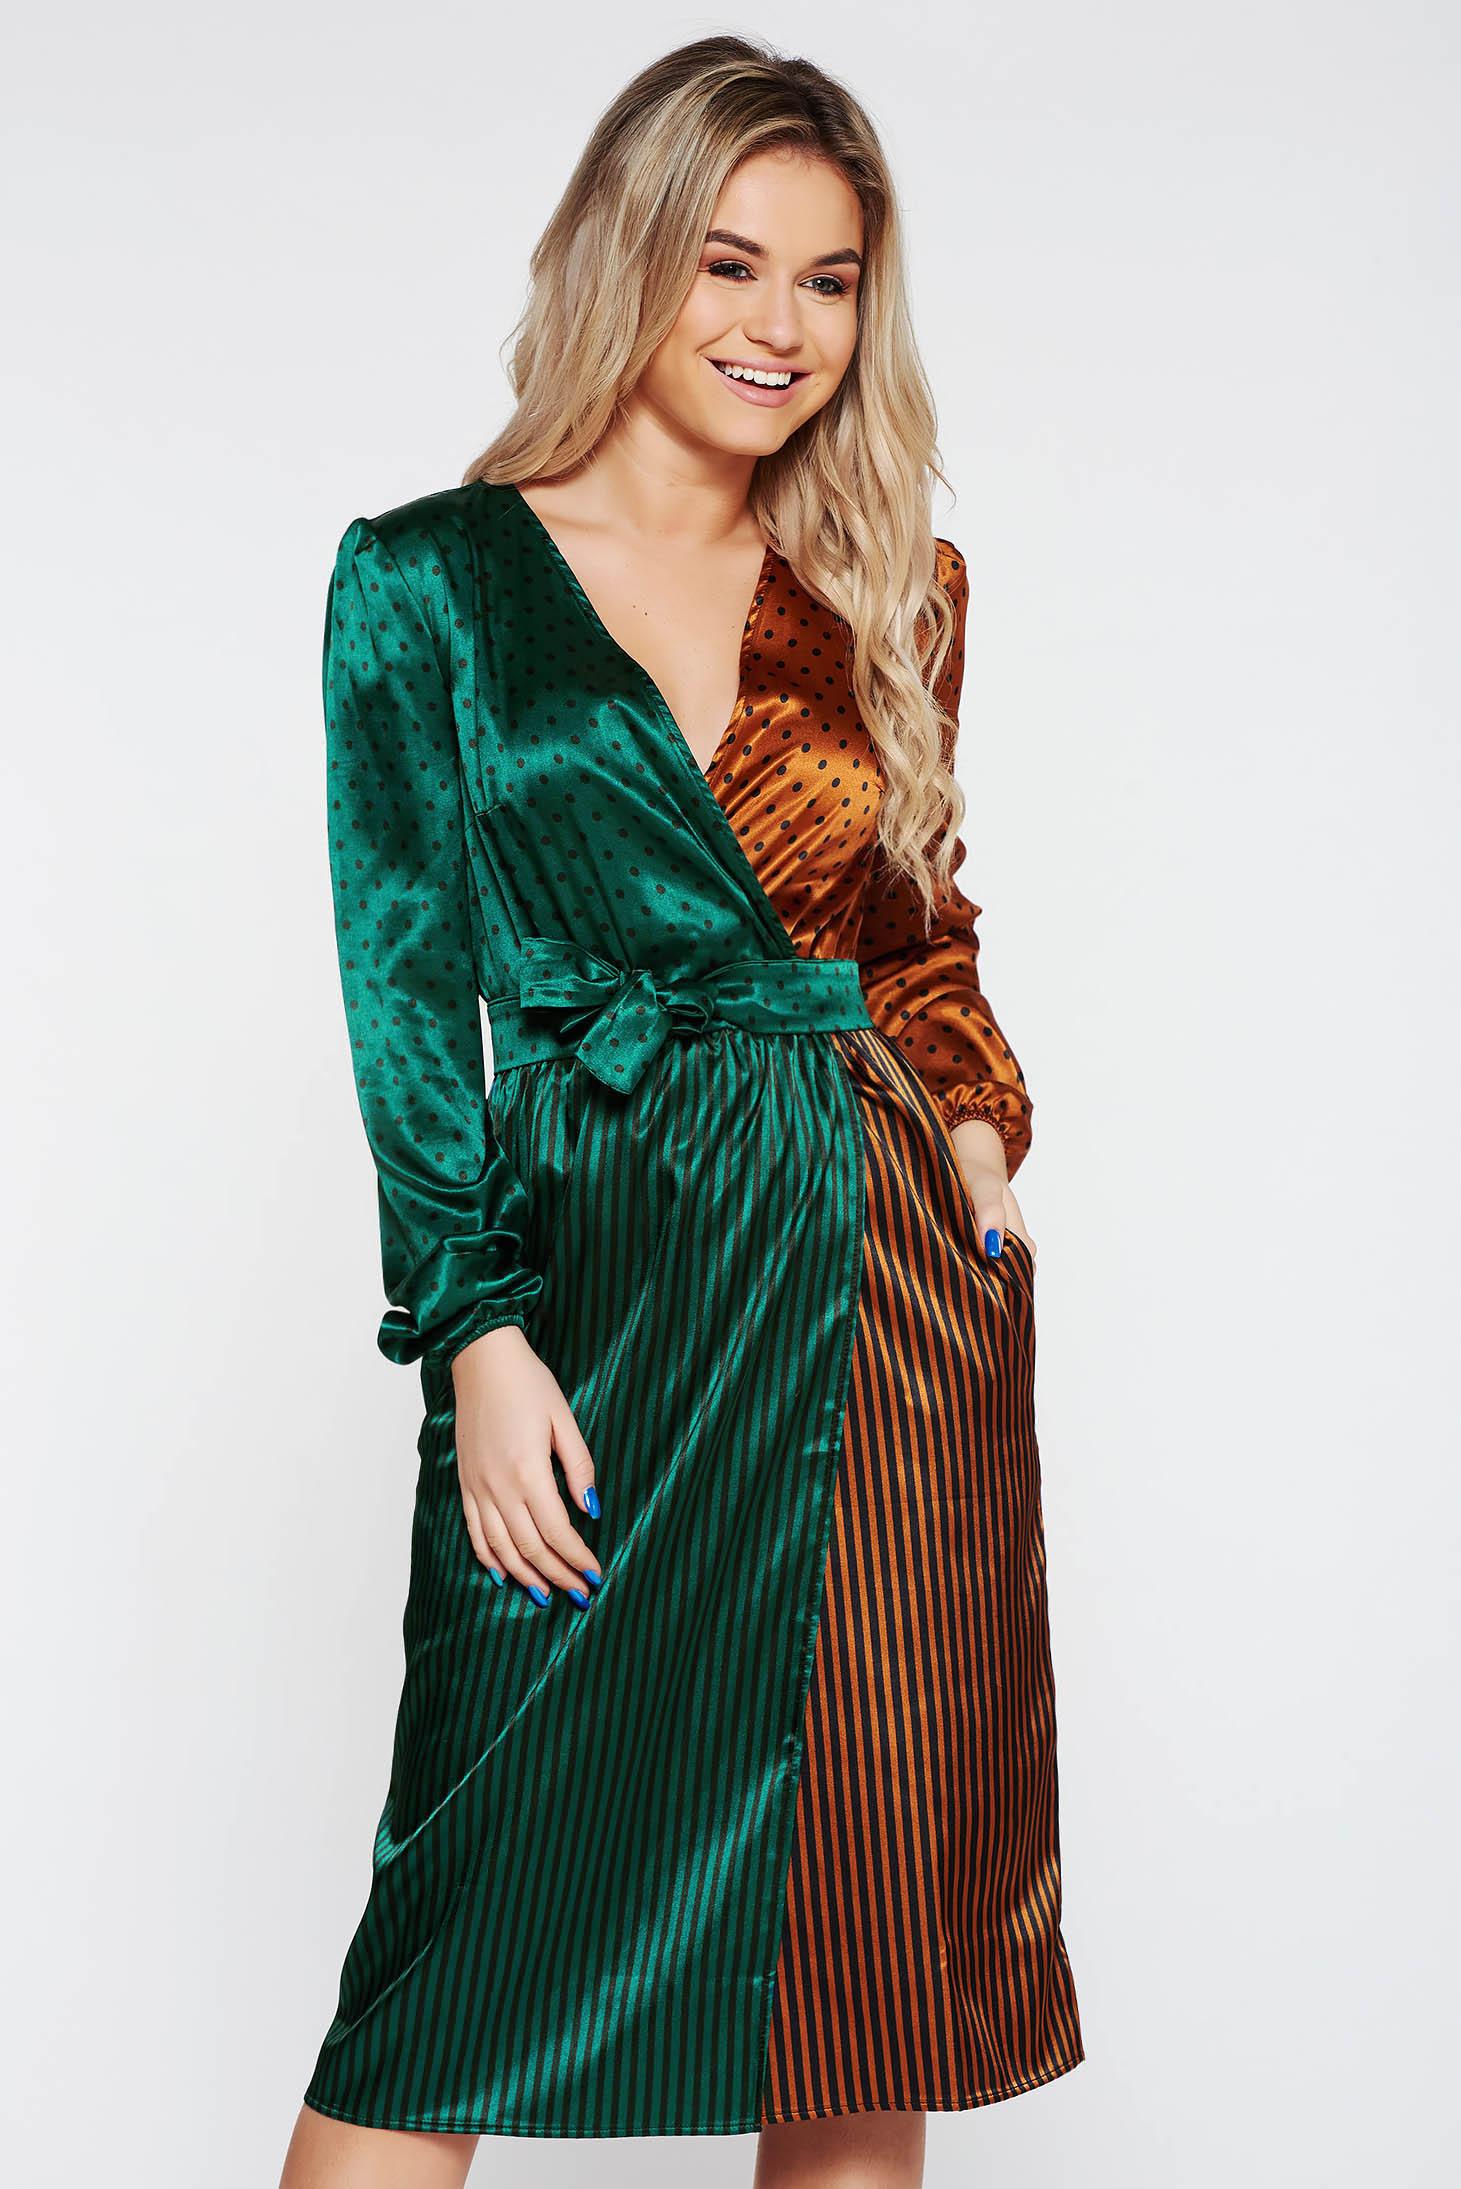 a7e69fafaa37c9 starshiners-darkgreen-elegant-midi-dress-from-sati-S039926-3-395025.jpg